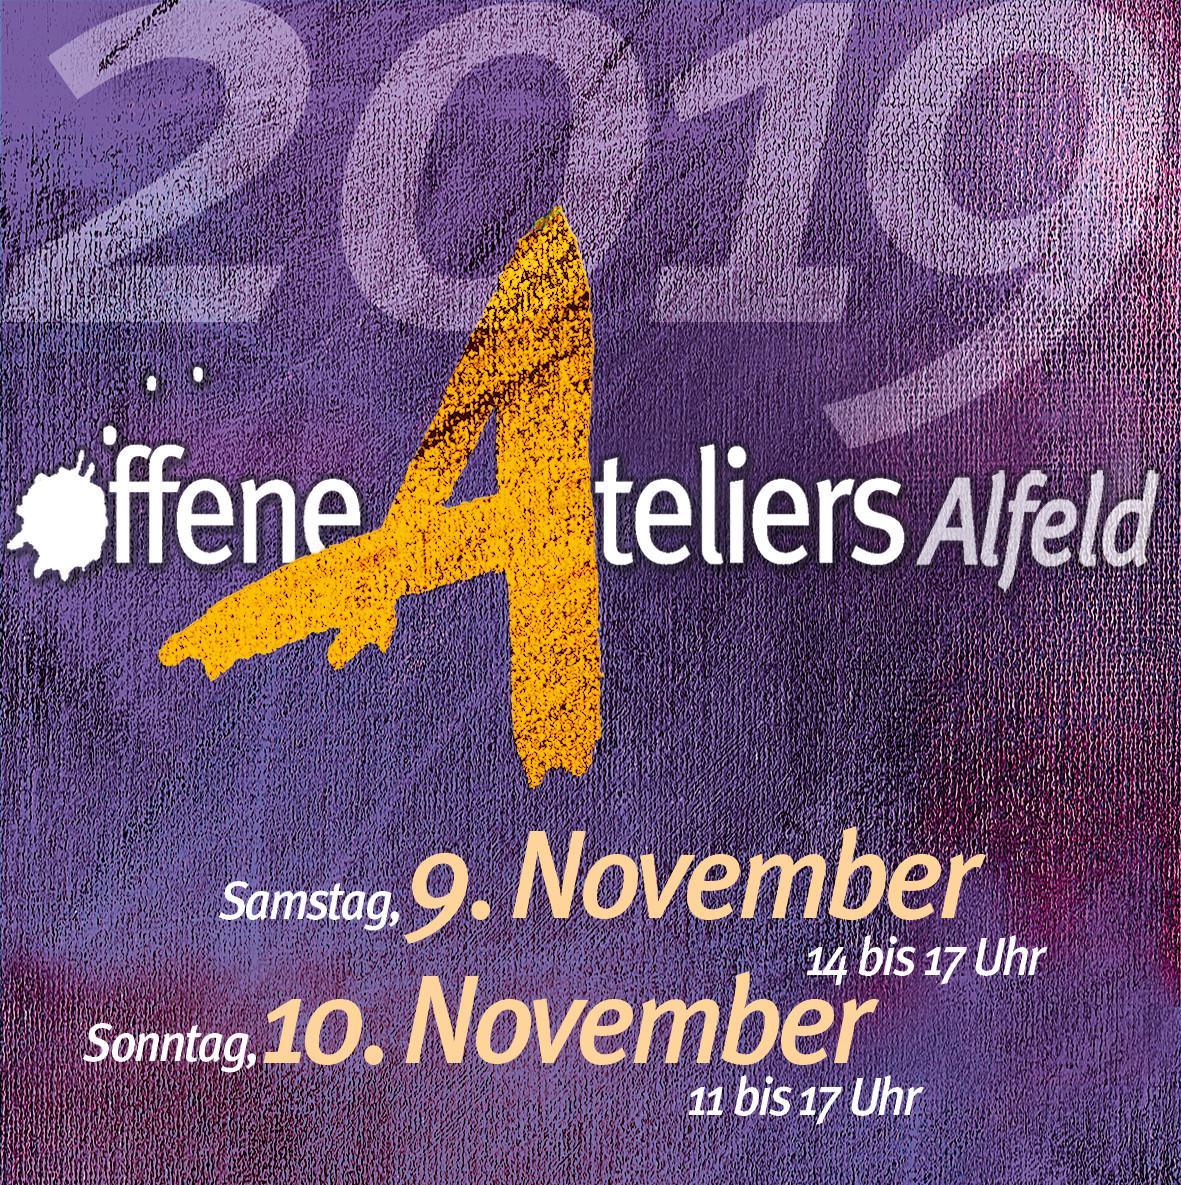 Offene Ateliers Alfeld 2019 - Fotografien